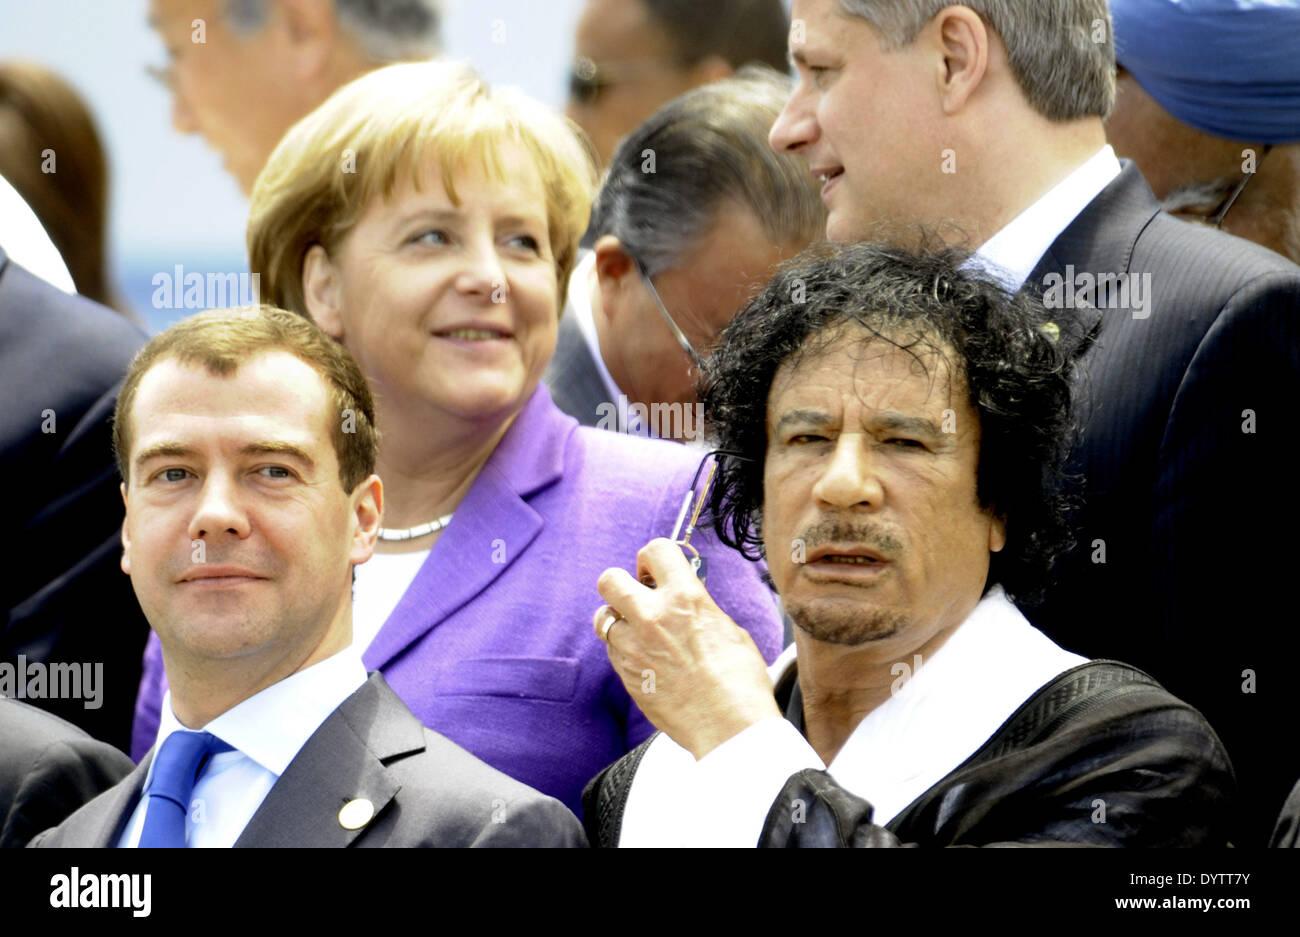 Medvedev, Merkel, Gaddafi, Harper - Stock Image